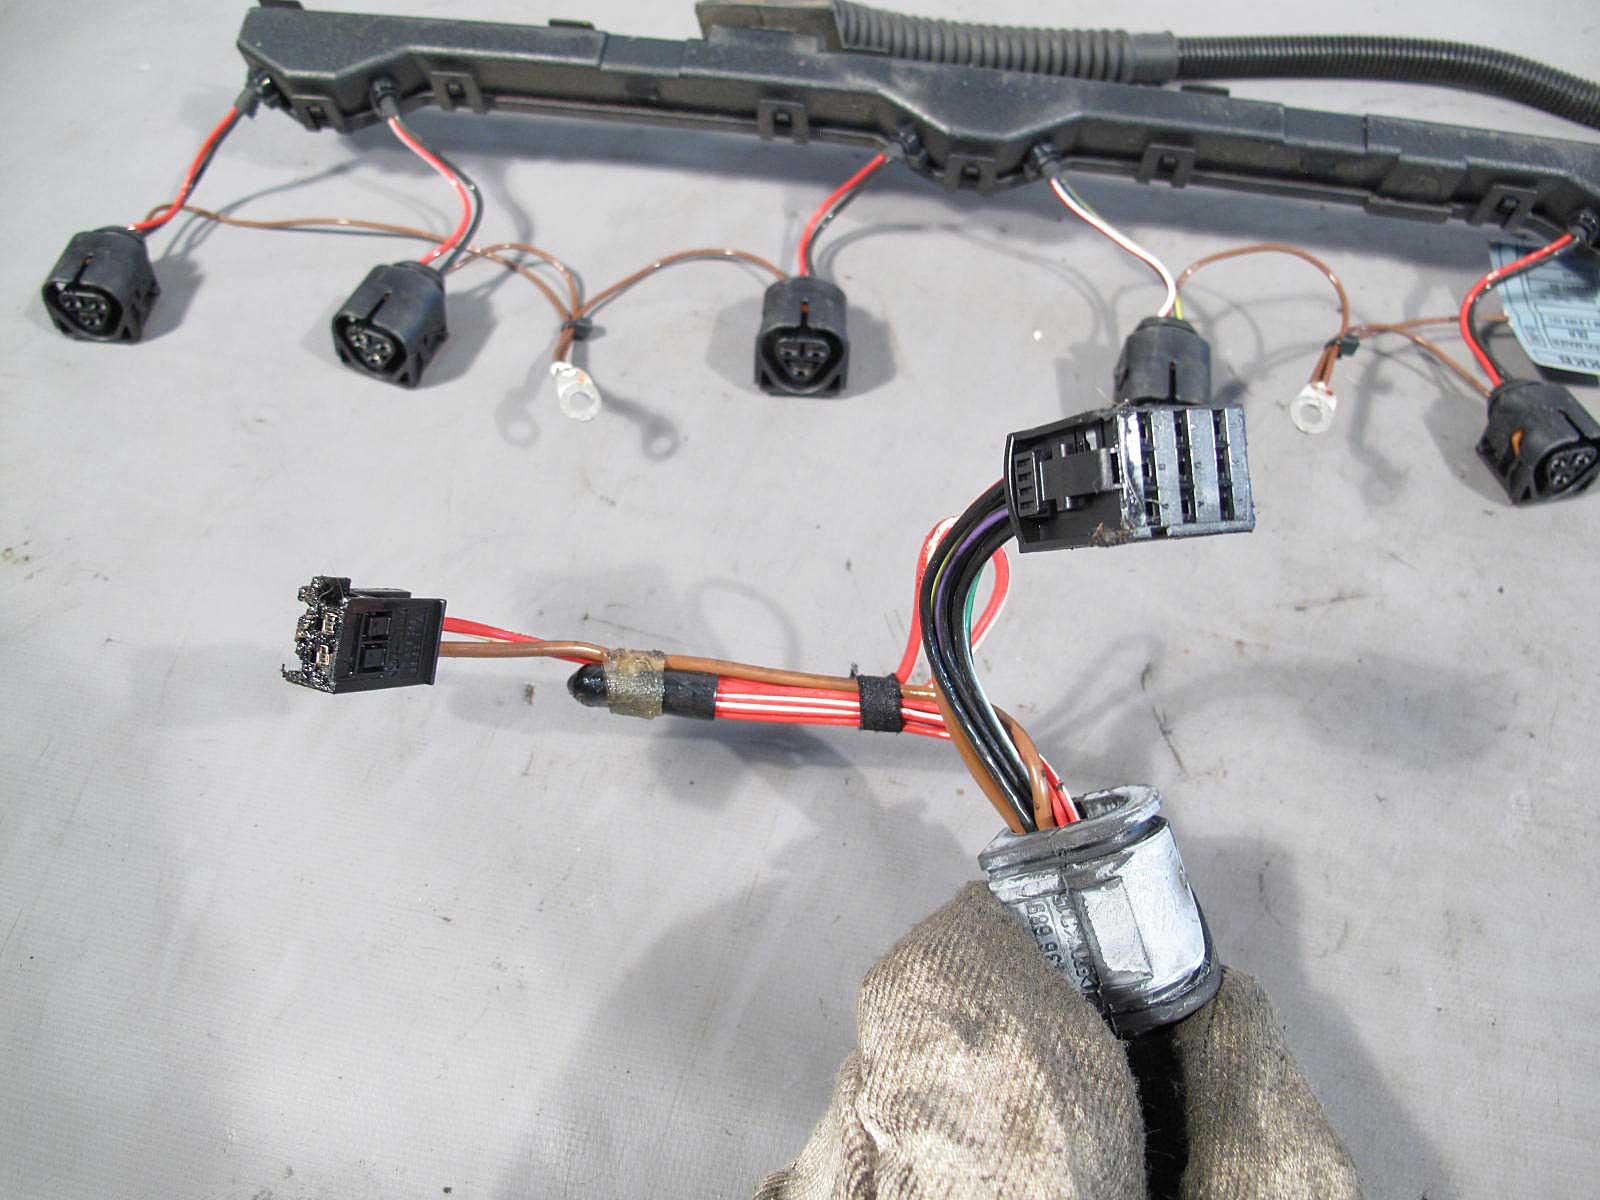 bmw e83 x3 sav m54 2 5i 3 0i engine ignition coil wiring harness 2004 BMW X3 3.0L White  BMW X3 White 2004 BMW 335I Convertible 2004 BMW SUV